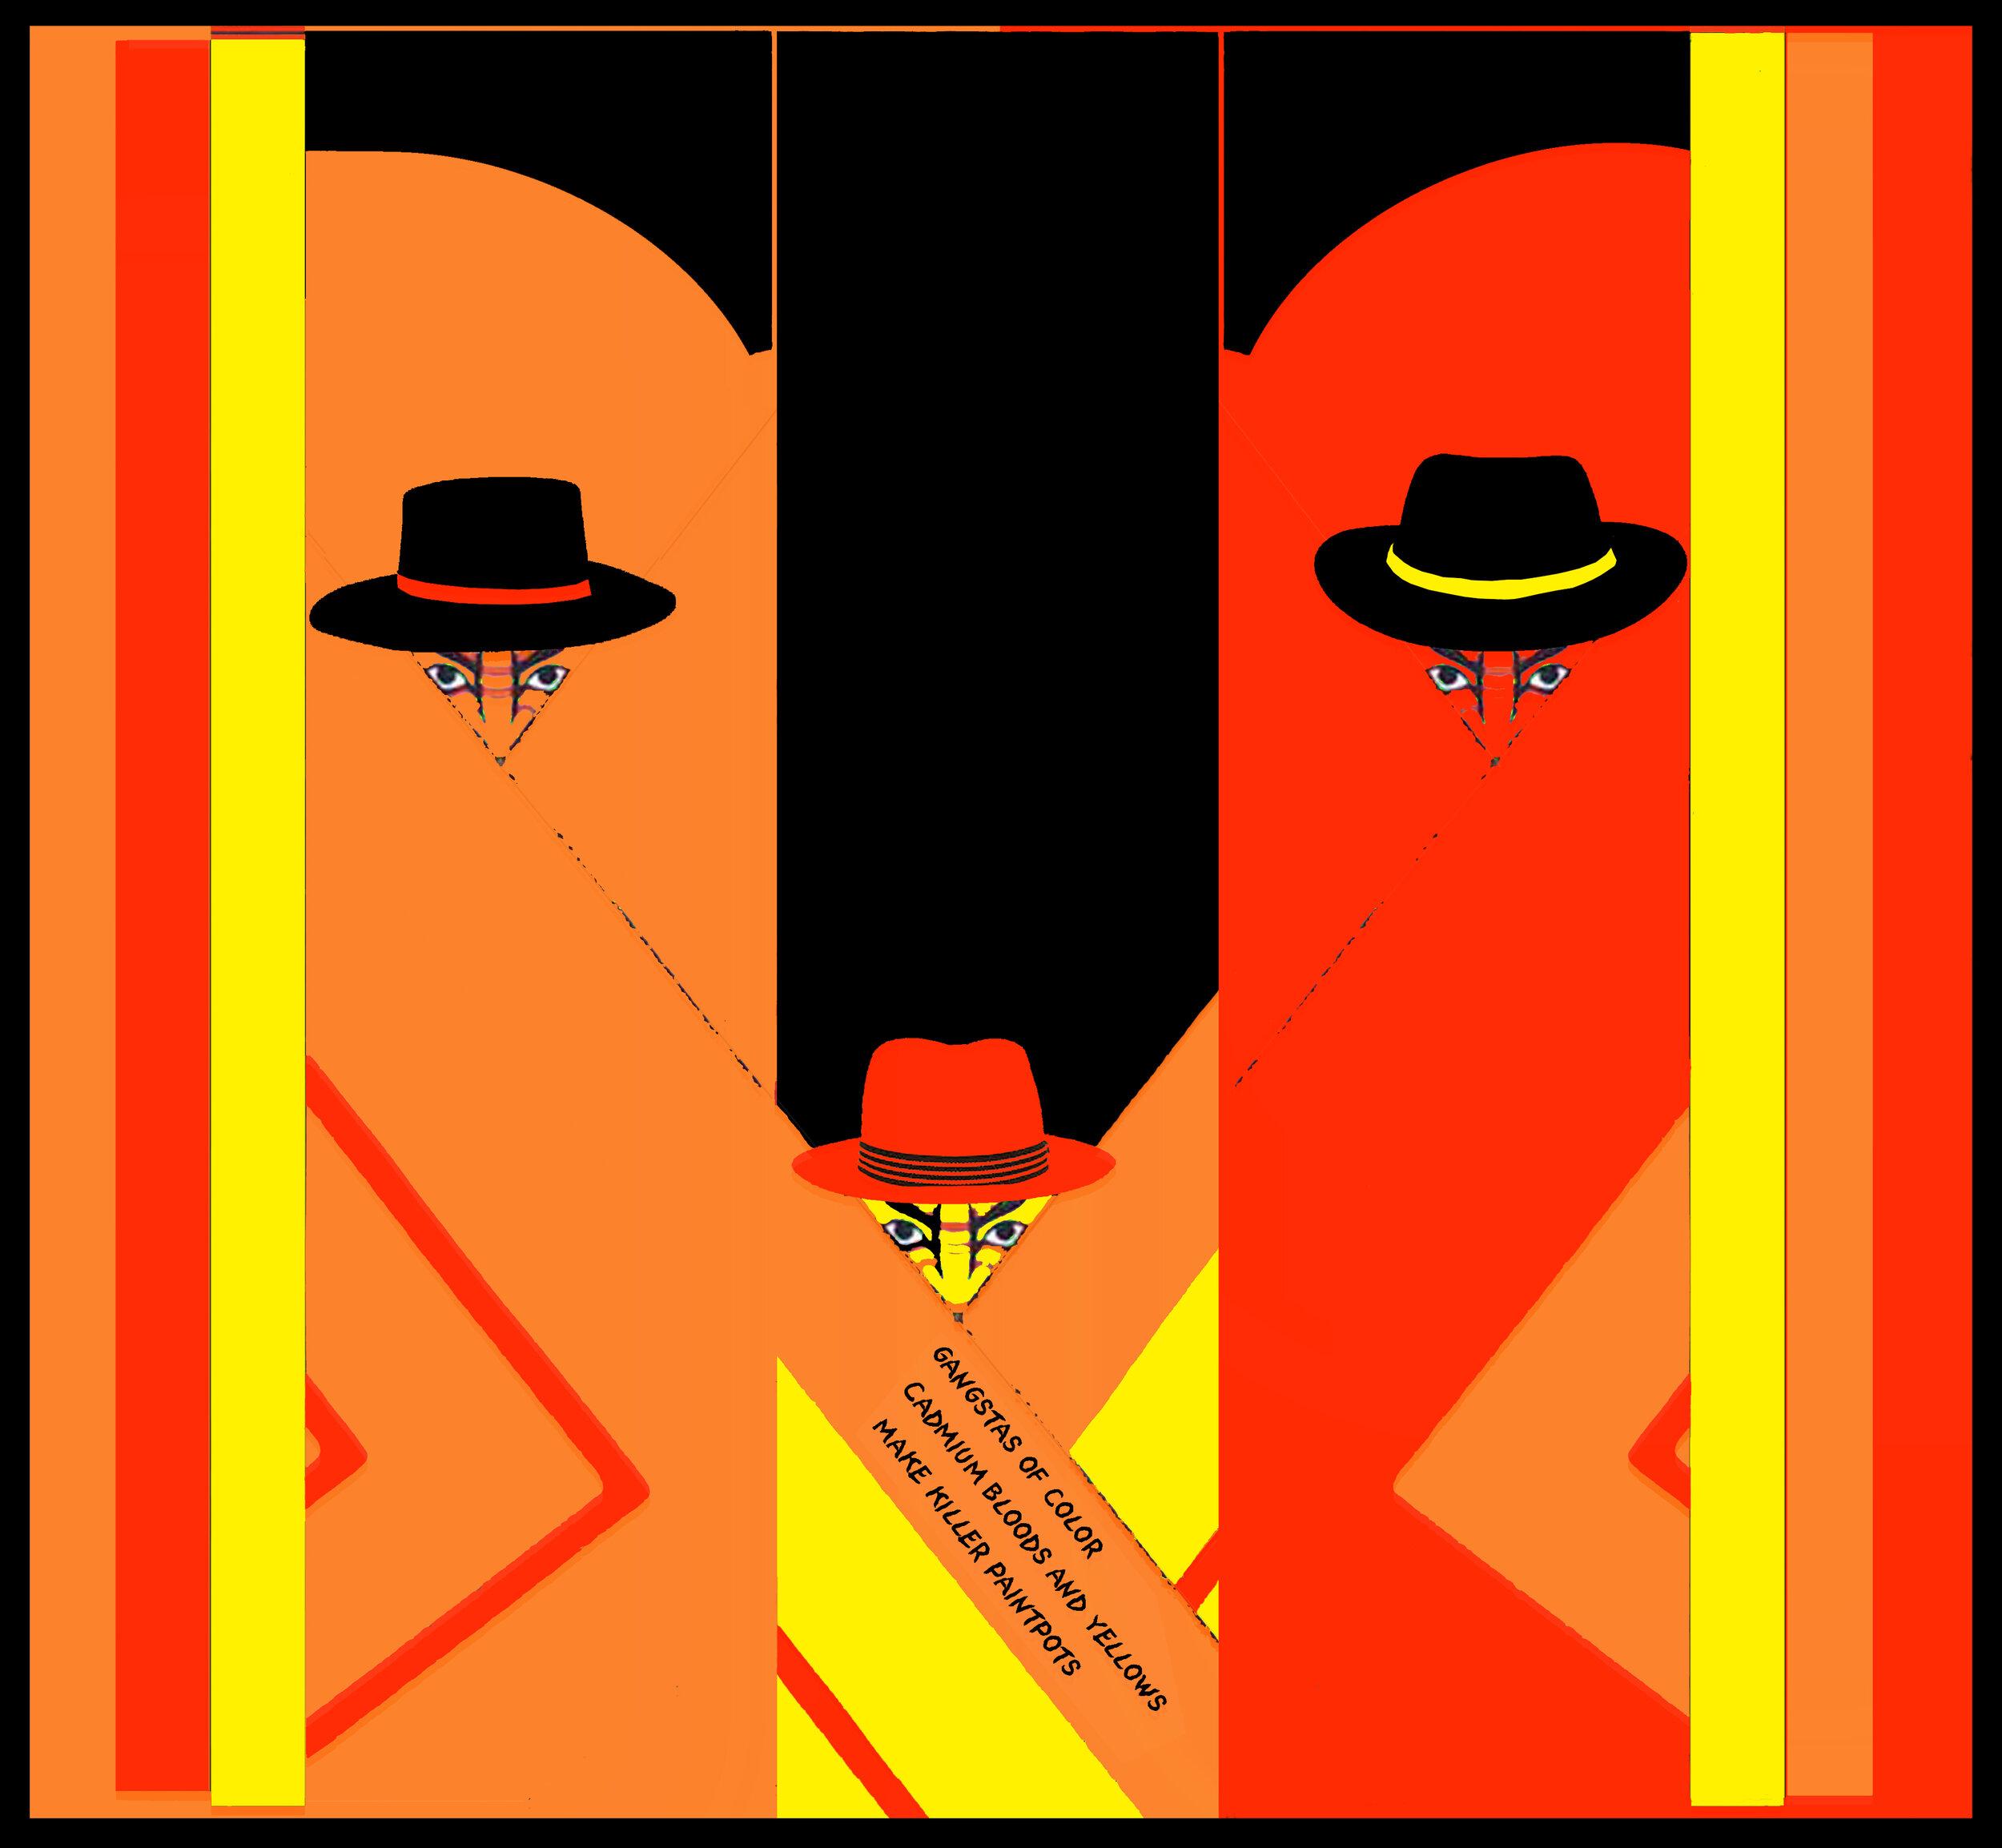 """Cadmium 48    Archival Pigment Print (Edition of 5)  24"""" x 26""""  $550  Click image to enlarge ⦿  Inquire"""